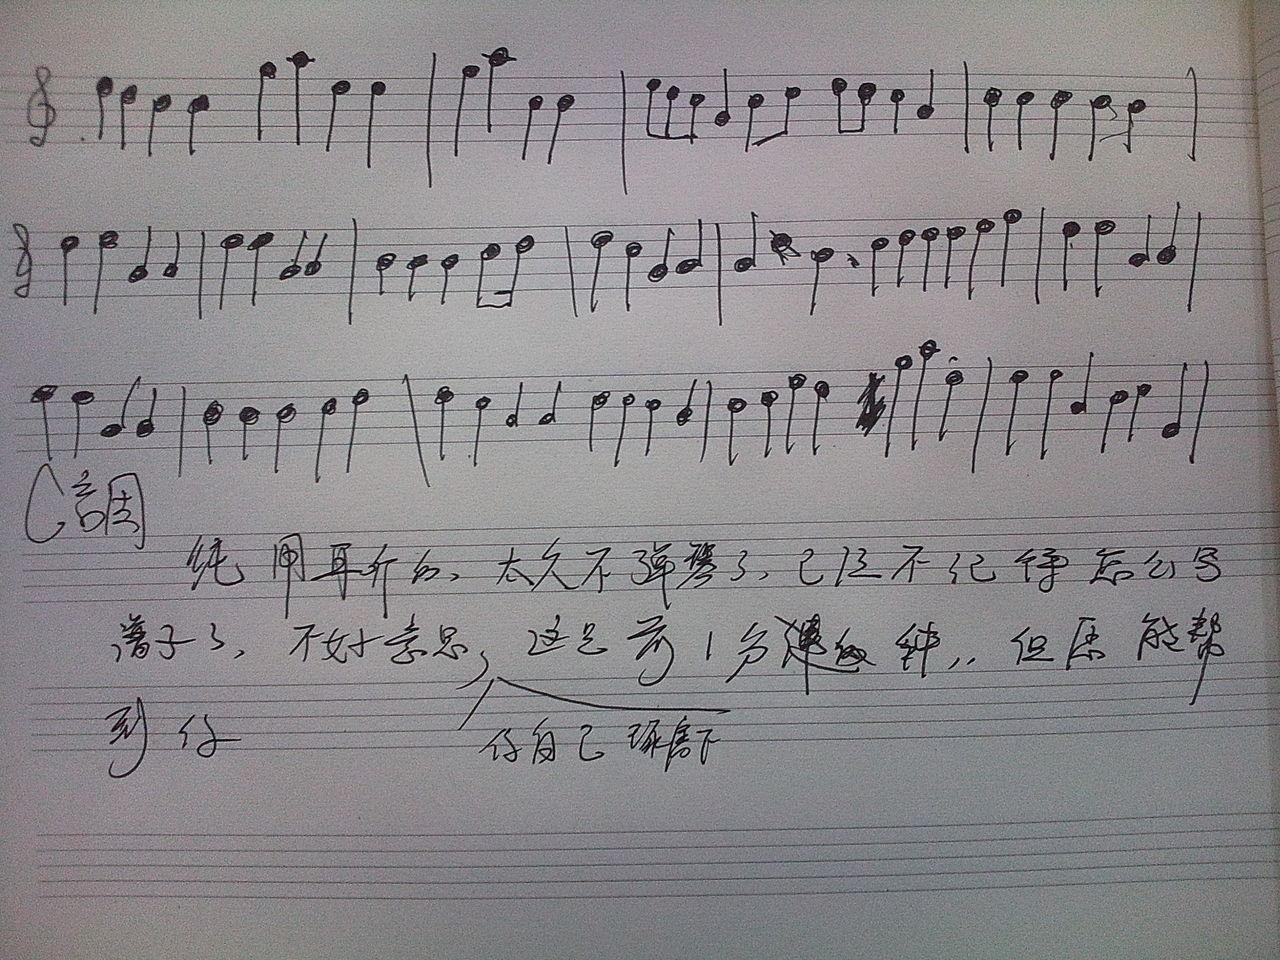 《speechless》的钢琴谱图片